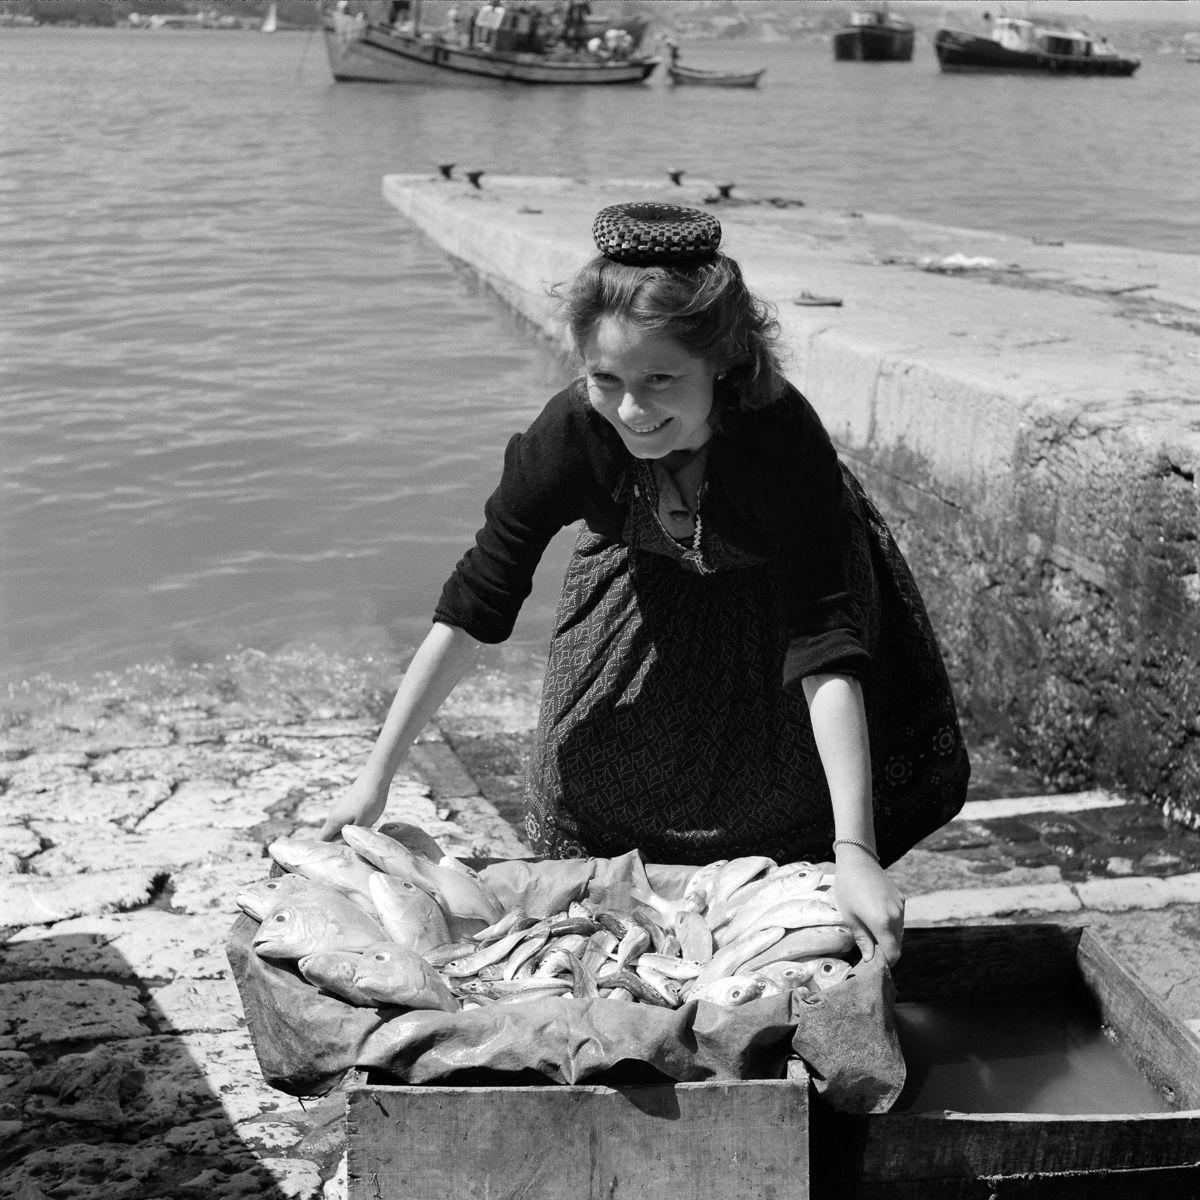 Fotografias deslumbrantes capturam a cultura da pesca dos anos 50 em Portugal 07